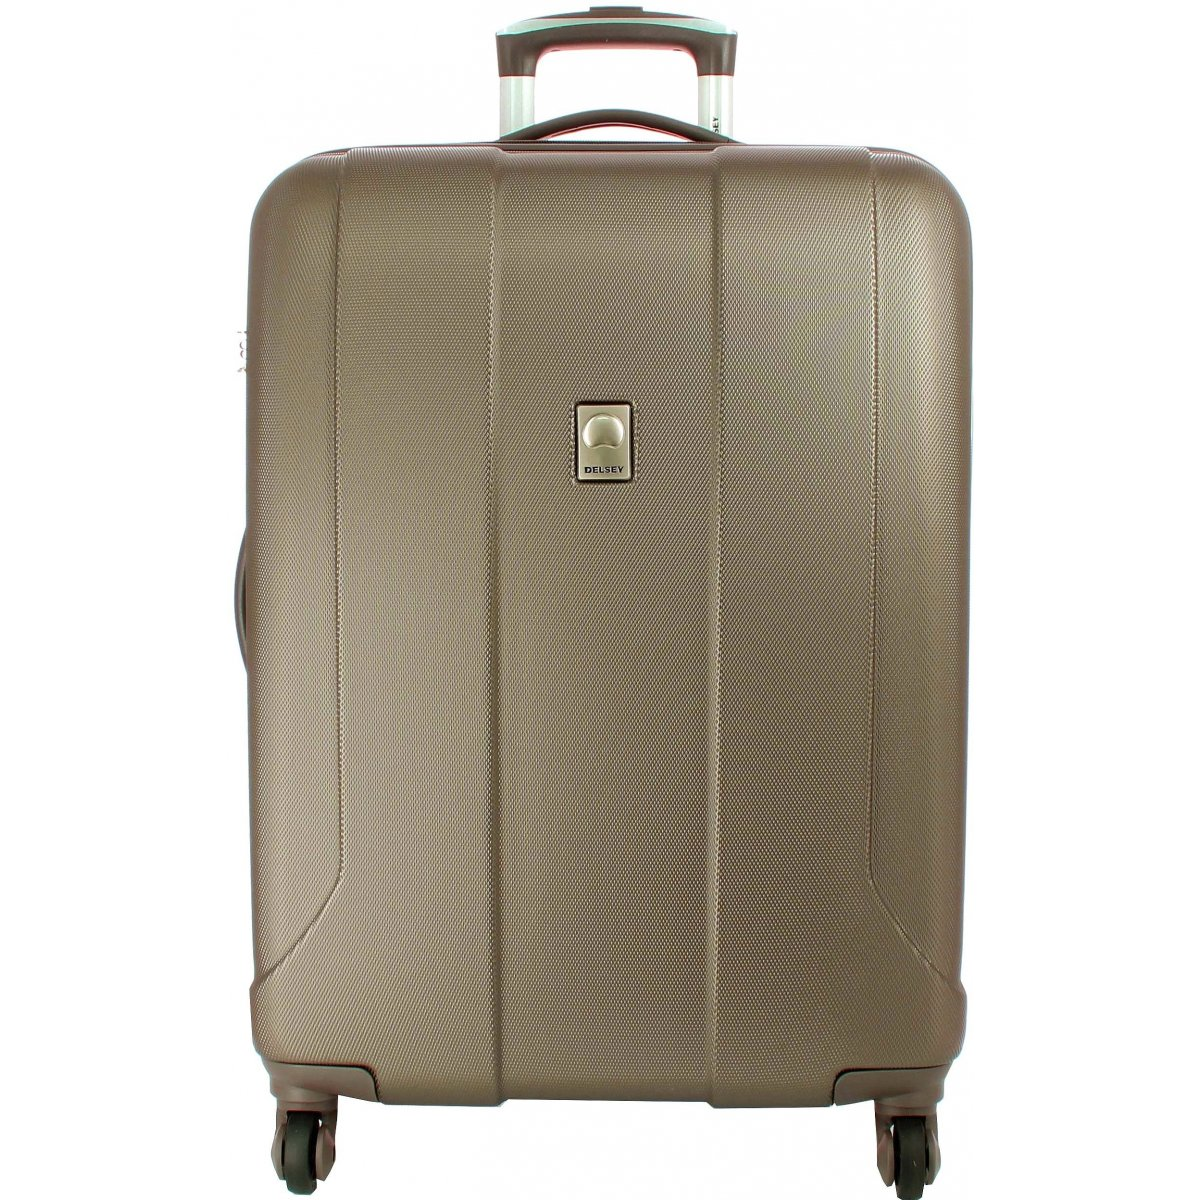 delsey valise prix